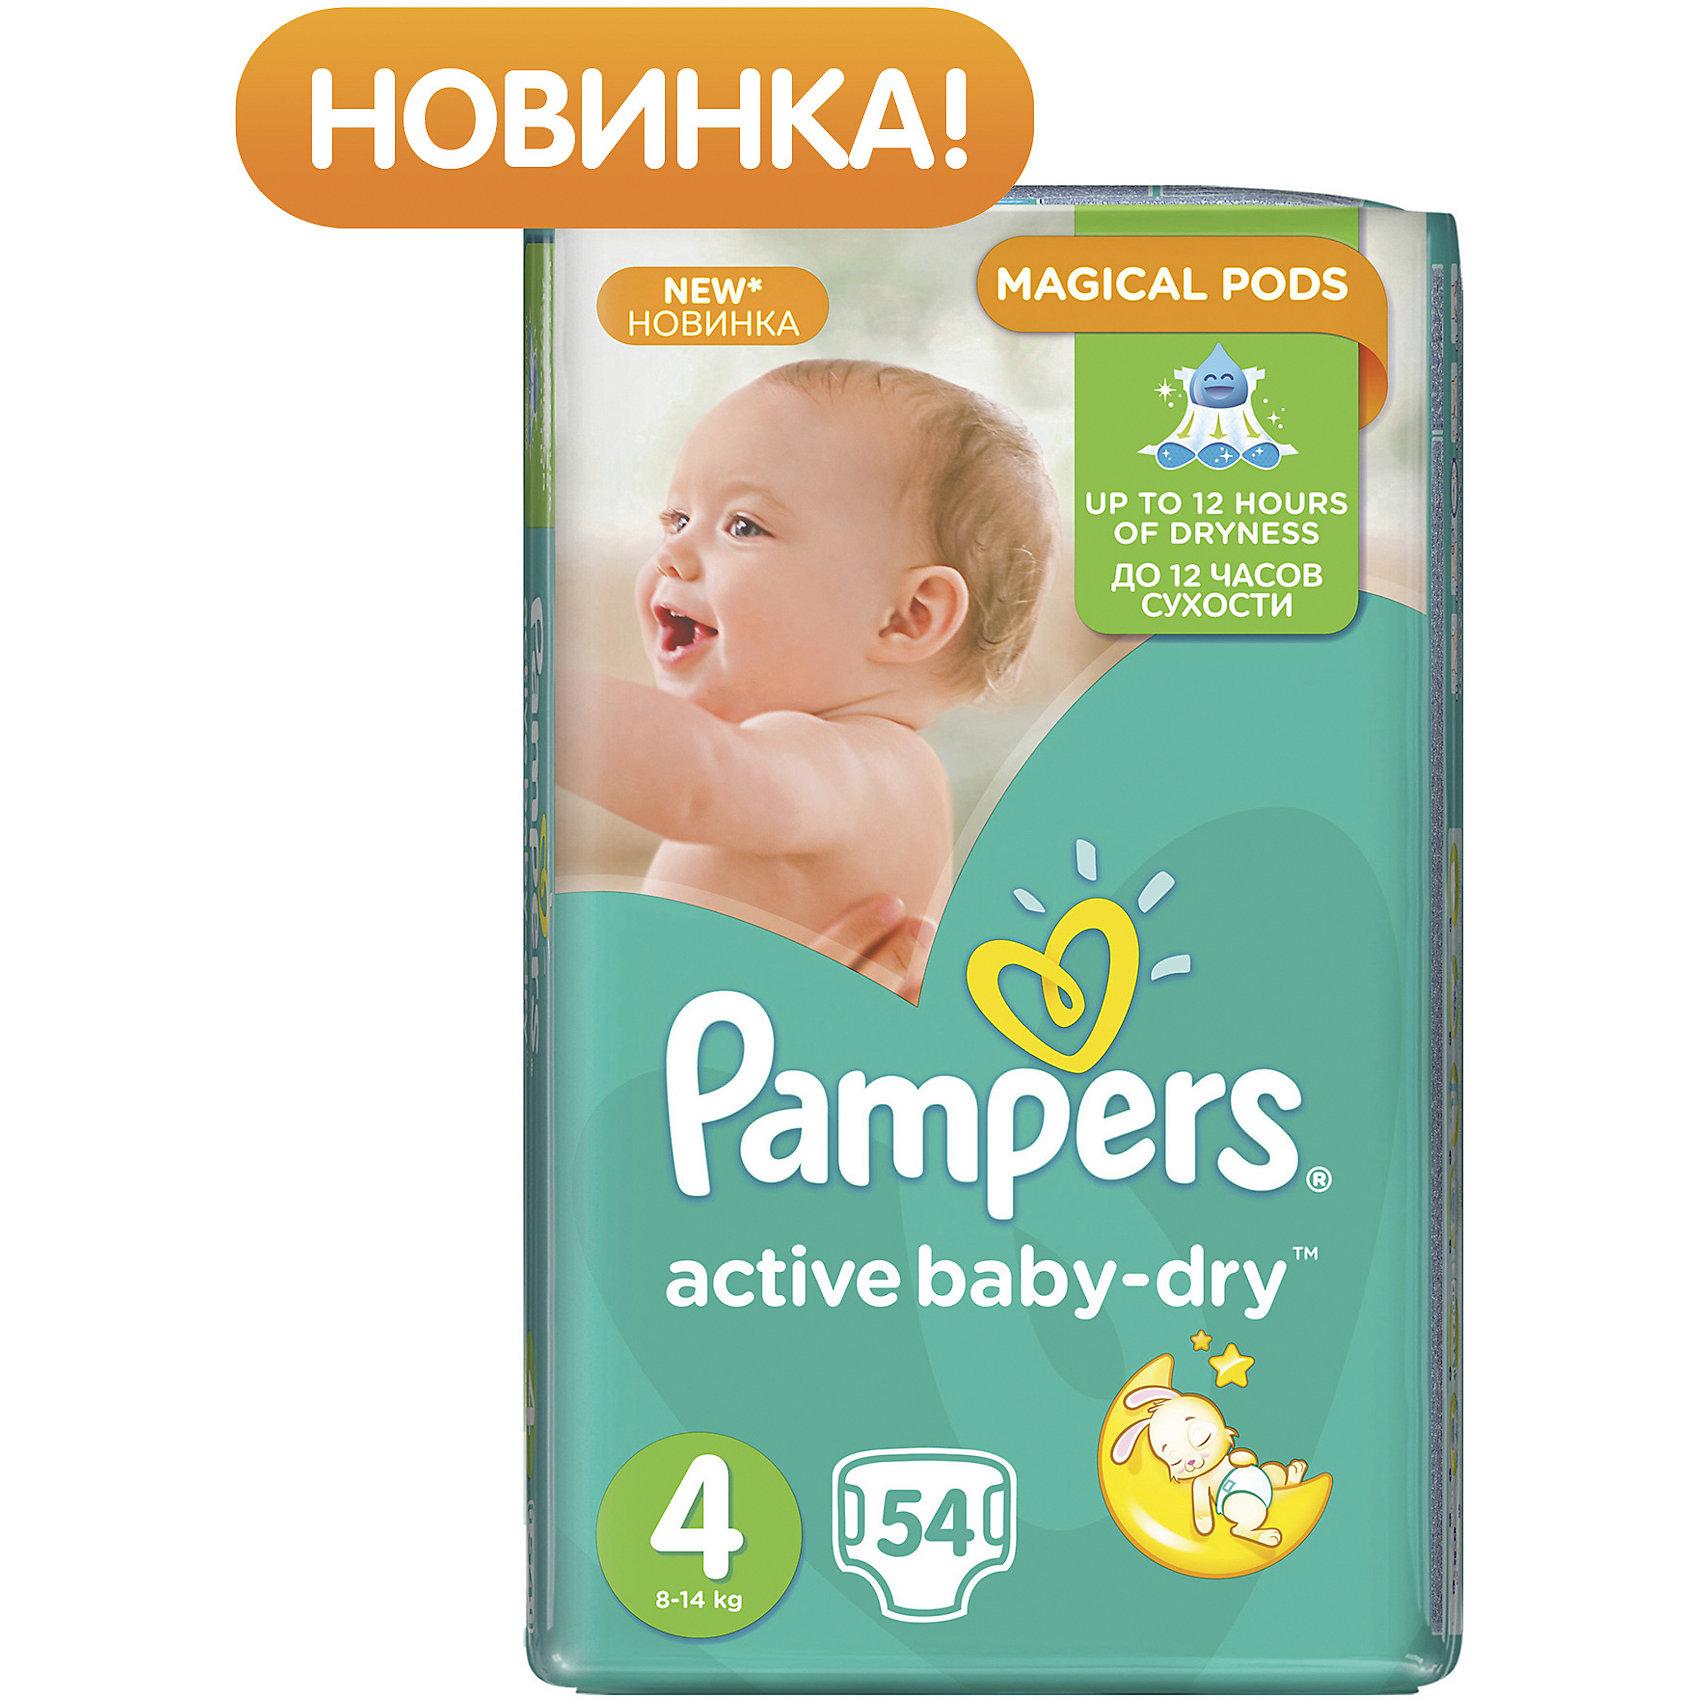 Подгузники Pampers Active Baby-Dry, 8-14 кг, 4 размер, 54 шт., PampersХарактеристики:<br><br>• Пол: универсальный<br>• Тип подгузника: одноразовый<br>• Коллекция: Active Baby-Dry<br>• Предназначение: для использования в любое время суток <br>• Размер: 4<br>• Вес ребенка: от 8 до 14 кг<br>• Количество в упаковке: 54 шт.<br>• Упаковка: пакет<br>• Размер упаковки: 44*11,8*22,1 см<br>• Вес в упаковке: 1 кг 773 г<br>• Эластичные застежки-липучки<br>• Быстро впитывающий слой<br>• Мягкий верхний слой<br>• Сохранение сухости в течение 12-ти часов<br><br>Подгузники Pampers Active Baby-Dry, 8-14 кг, 4 размер, 54 шт., Pampers – это линейка классических детских подгузников от Pampers, которая сочетает в себе качество и безопасность материалов, удобство использования и комфорт для нежной кожи малыша. Подгузники предназначены для младенцев весом до 14 кг. Инновационные технологии и современные материалы обеспечивают этим подгузникам Дышащие свойства, что особенно важно для кожи малыша. <br><br>Впитывающие свойства изделию обеспечивает уникальный слой, состоящий из жемчужных микрогранул. У подгузников предусмотрена эластичная мягкая резиночка на спинке. Широкие липучки с двух сторон обеспечивают надежную фиксацию. Подгузник имеет мягкий верхний слой, который обеспечивает не только комфорт, но и защищает кожу ребенка от раздражений. Подгузник подходит как для мальчиков, так и для девочек. <br><br>Подгузники Pampers Active Baby-Dry, 8-14 кг, 4 размер, 54 шт., Pampers можно купить в нашем интернет-магазине.<br><br>Ширина мм: 440<br>Глубина мм: 118<br>Высота мм: 221<br>Вес г: 1773<br>Возраст от месяцев: 6<br>Возраст до месяцев: 24<br>Пол: Унисекс<br>Возраст: Детский<br>SKU: 5419075